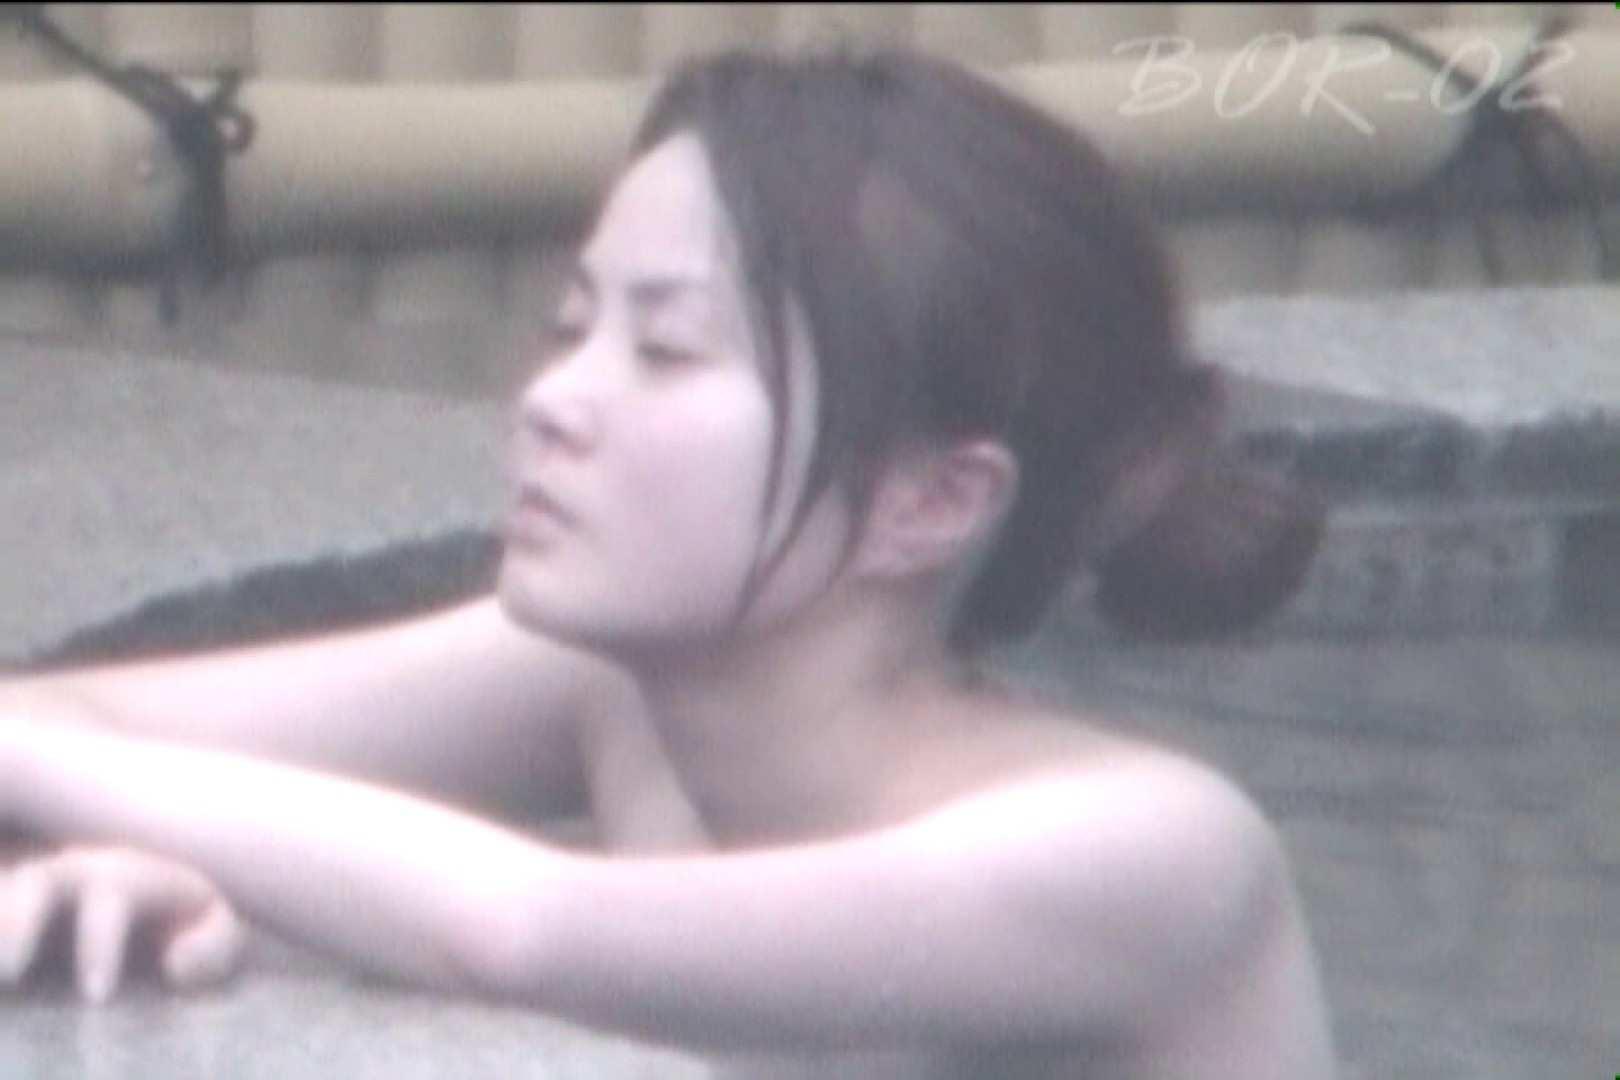 Aquaな露天風呂Vol.474 露天 | OLすけべ画像  87連発 49